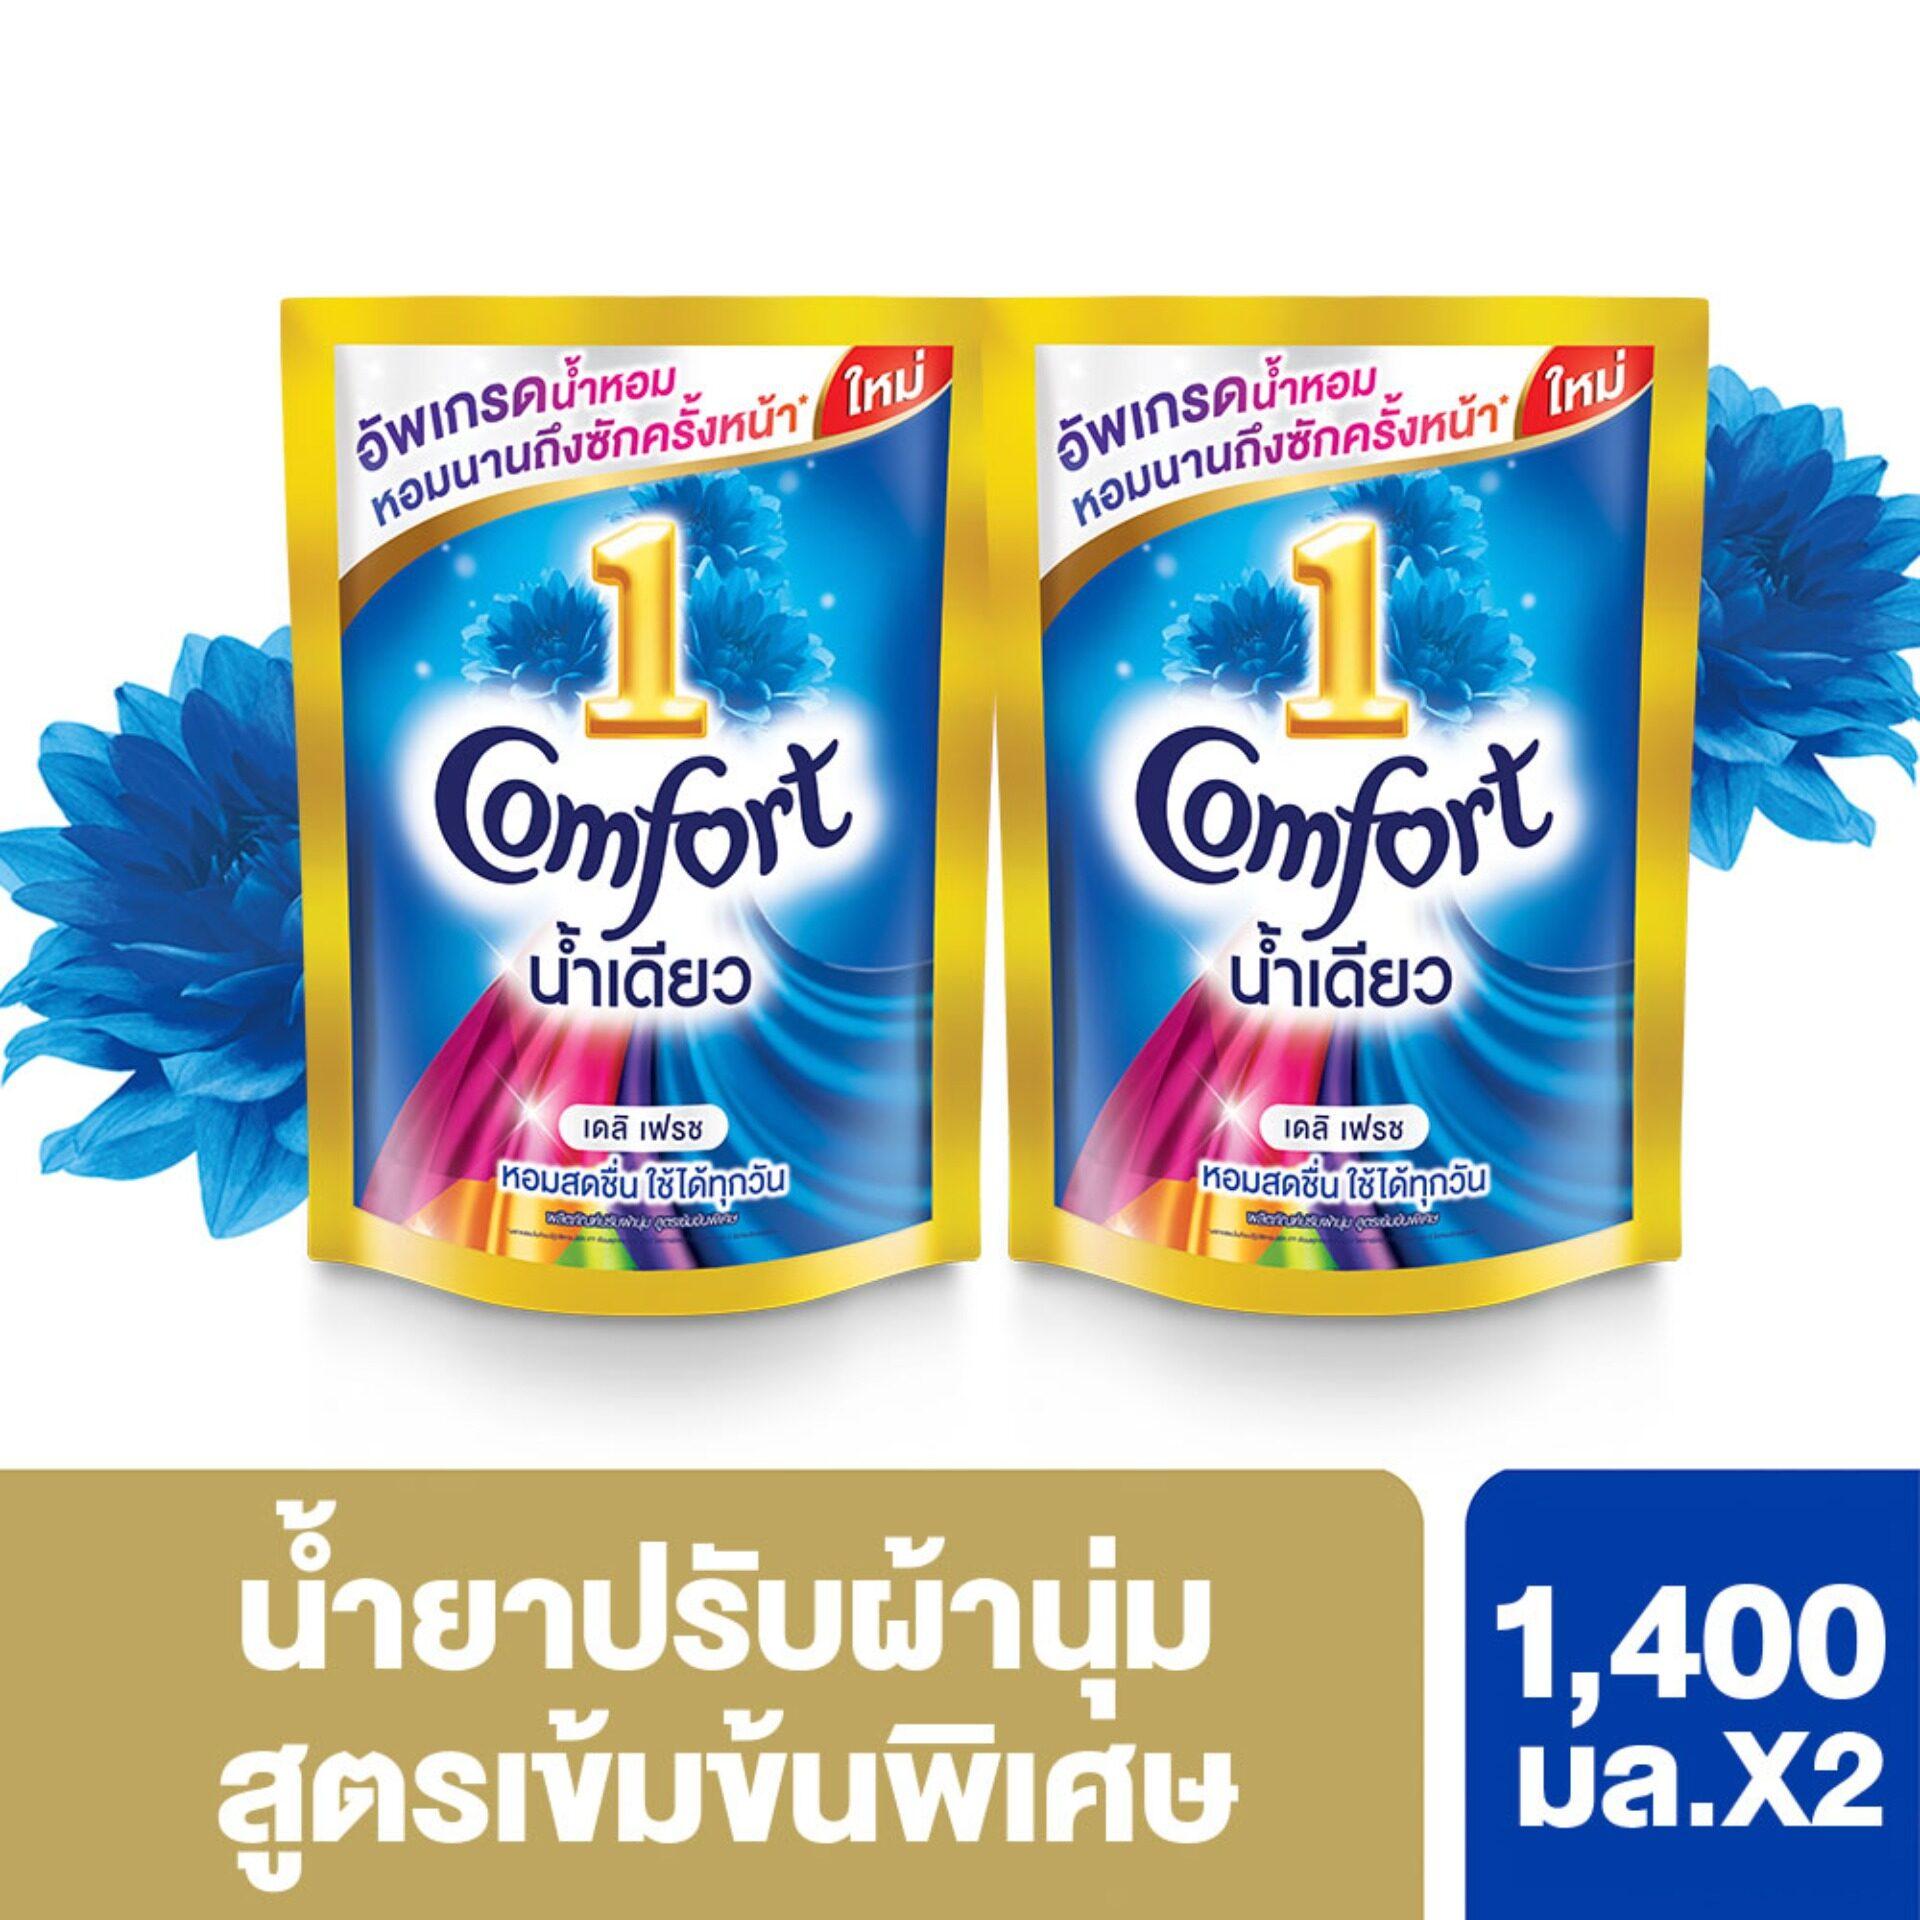 Comfort Ultra One Rinse Fabric Softener Blue 1400 Ml. คอมฟอร์ท อัลตร้า น้ำเดียว น้ำยาปรับผ้านุ่ม สีฟ้า 1400 มล. X2.